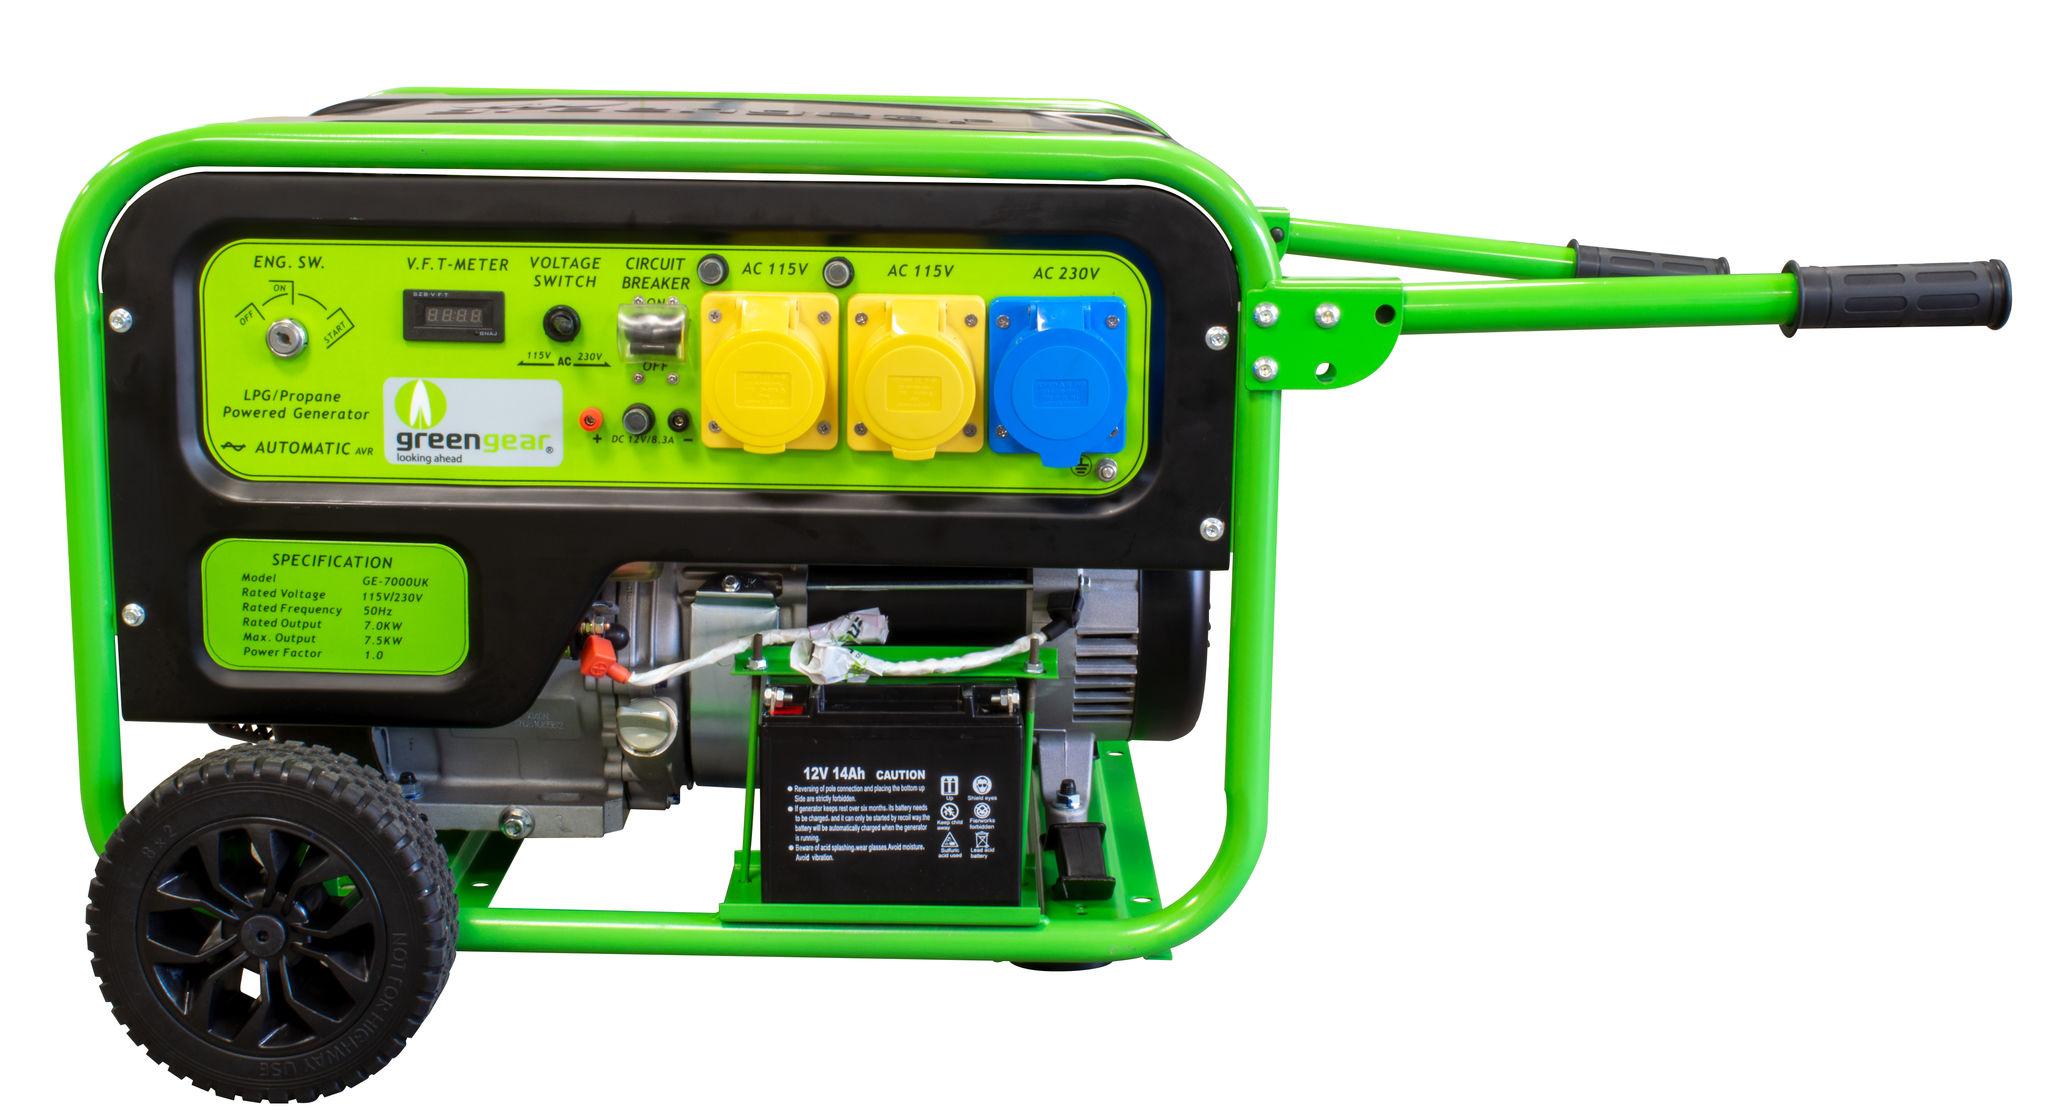 7kW Generator